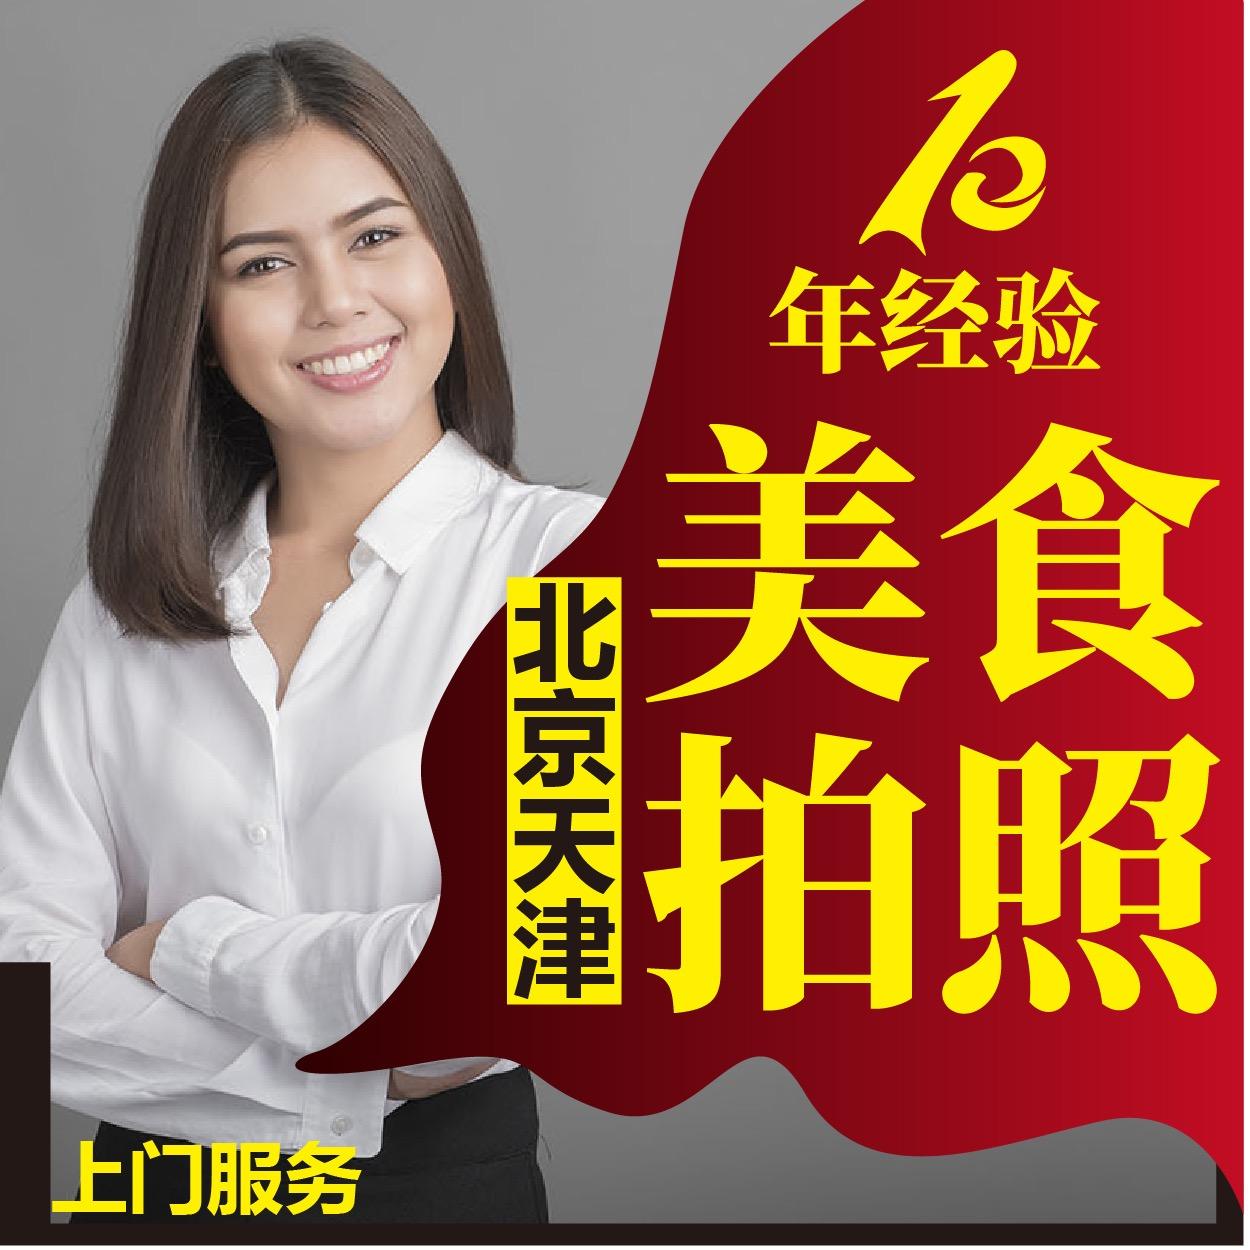 北京天津美食菜品拍照视频拍摄餐饮饭店摄影菜牌设计制作烧烤火锅